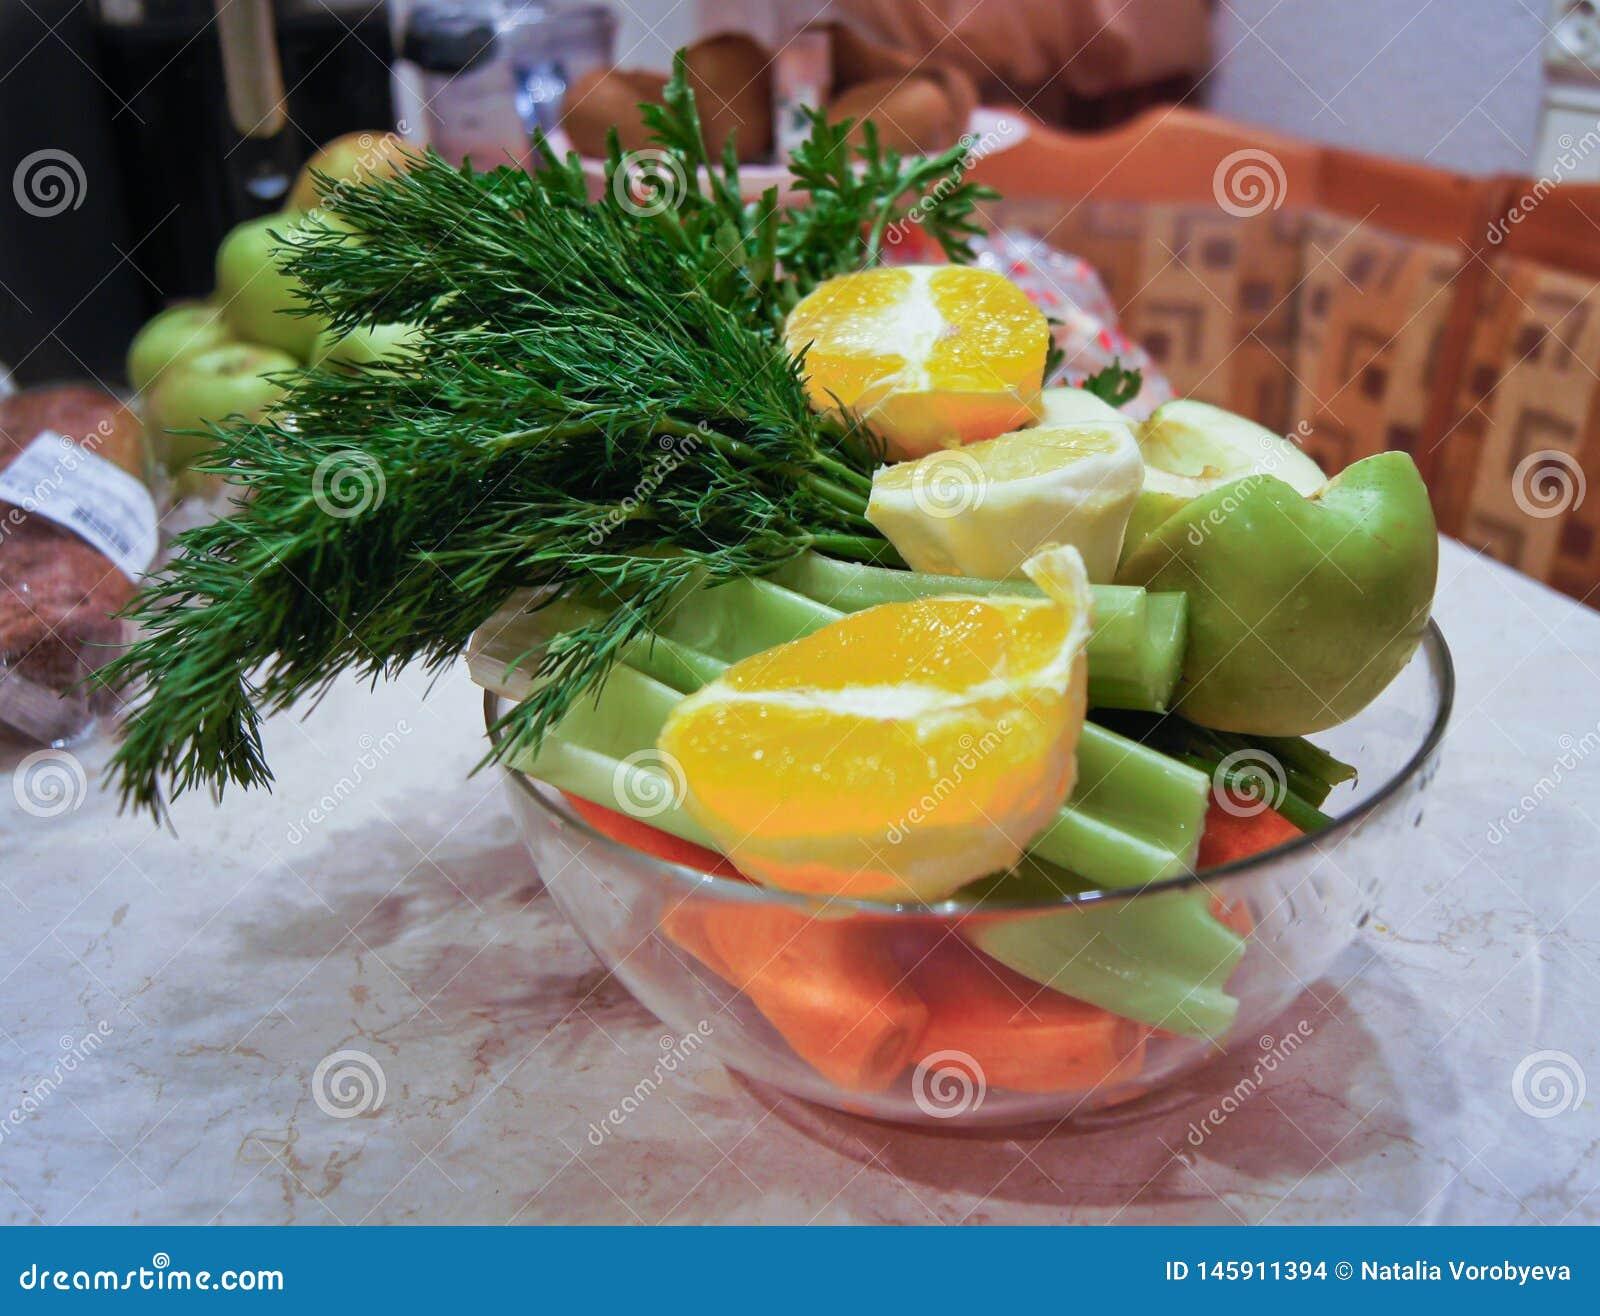 饮食沙拉的成份、苹果和芹菜和新鲜的红萝卜